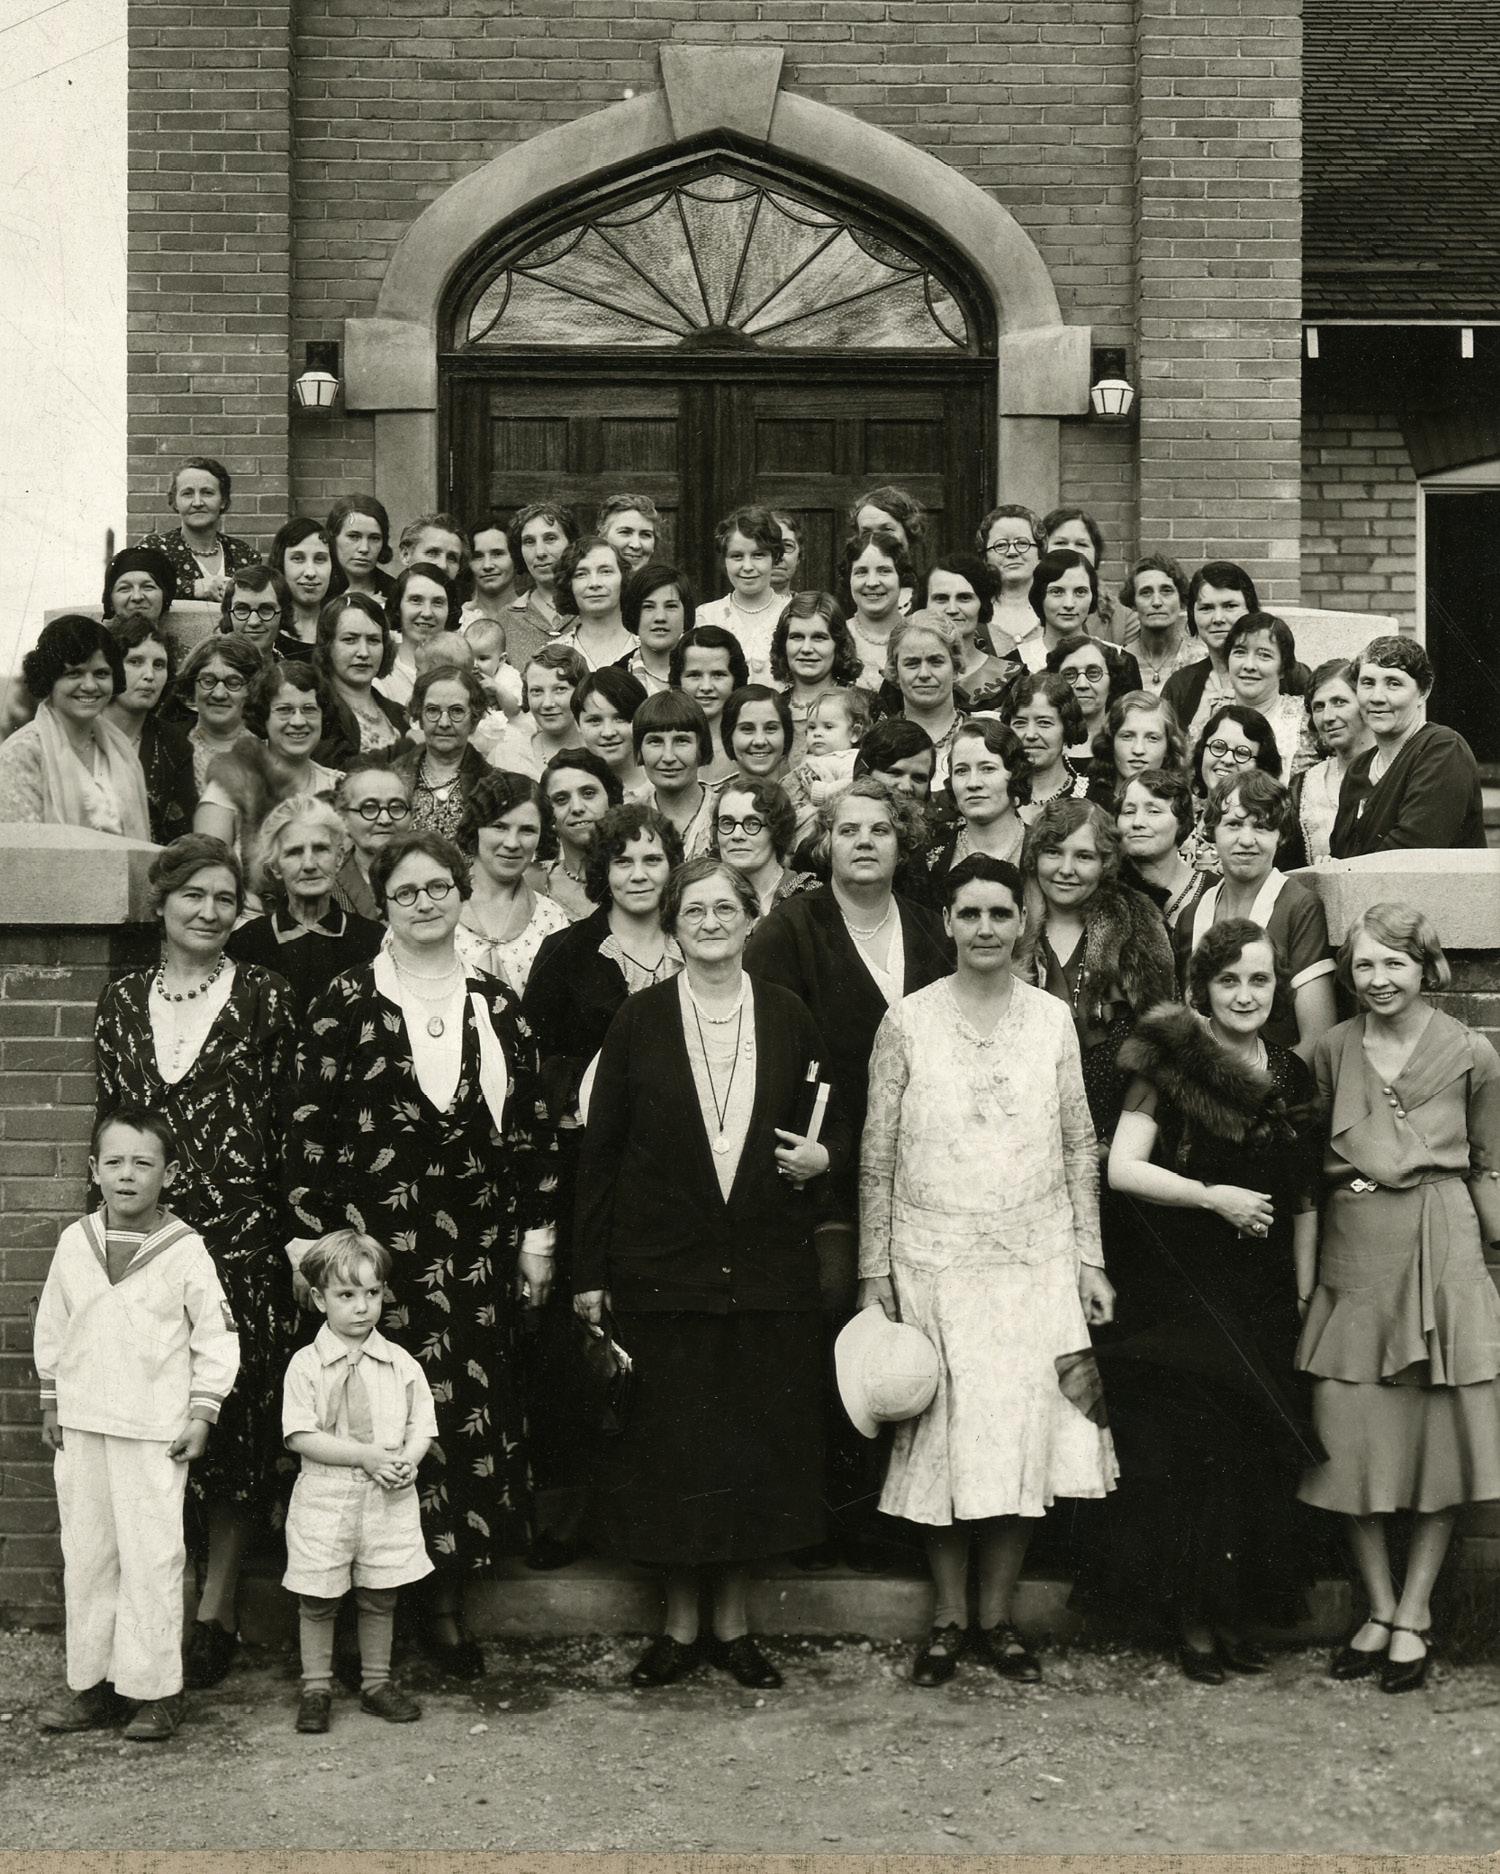 La hermana Amy Brown Lyman en una Capacitación de Servicio Social en Anaconda, Montana, alrededor de 1920. Lyman, de gafas, en el centro de la primera fila, se convirtió en una trabajadora social capacitada luego de llevar a cabo visitas formativas a Hull House en Chicago. Además, fue líder en la implementación del trabajo de servicio social dentro de la Sociedad de Socorro. La hermana Lyman sirvió en la mesa general de la Sociedad de Socorro durante 36 años, incluido el tiempo que pasó como presidenta. Fotografía por Montgomery Studio.